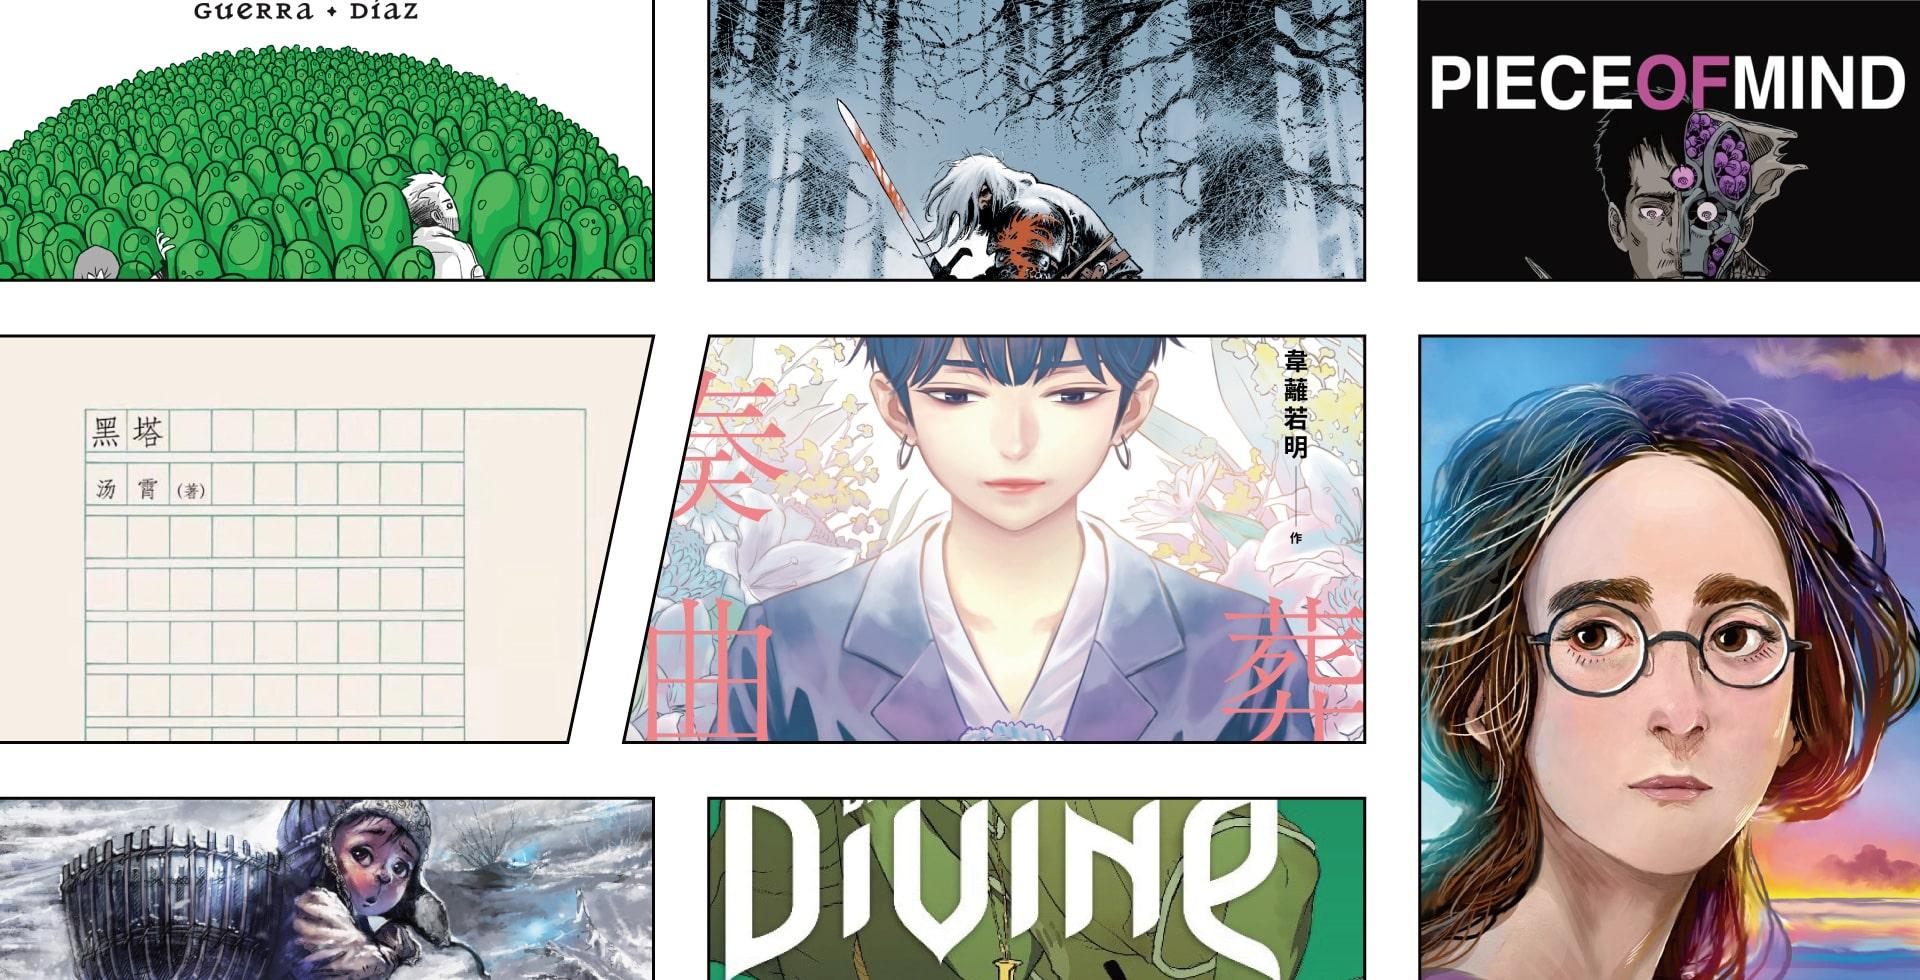 XV Premio Internacional de Manga